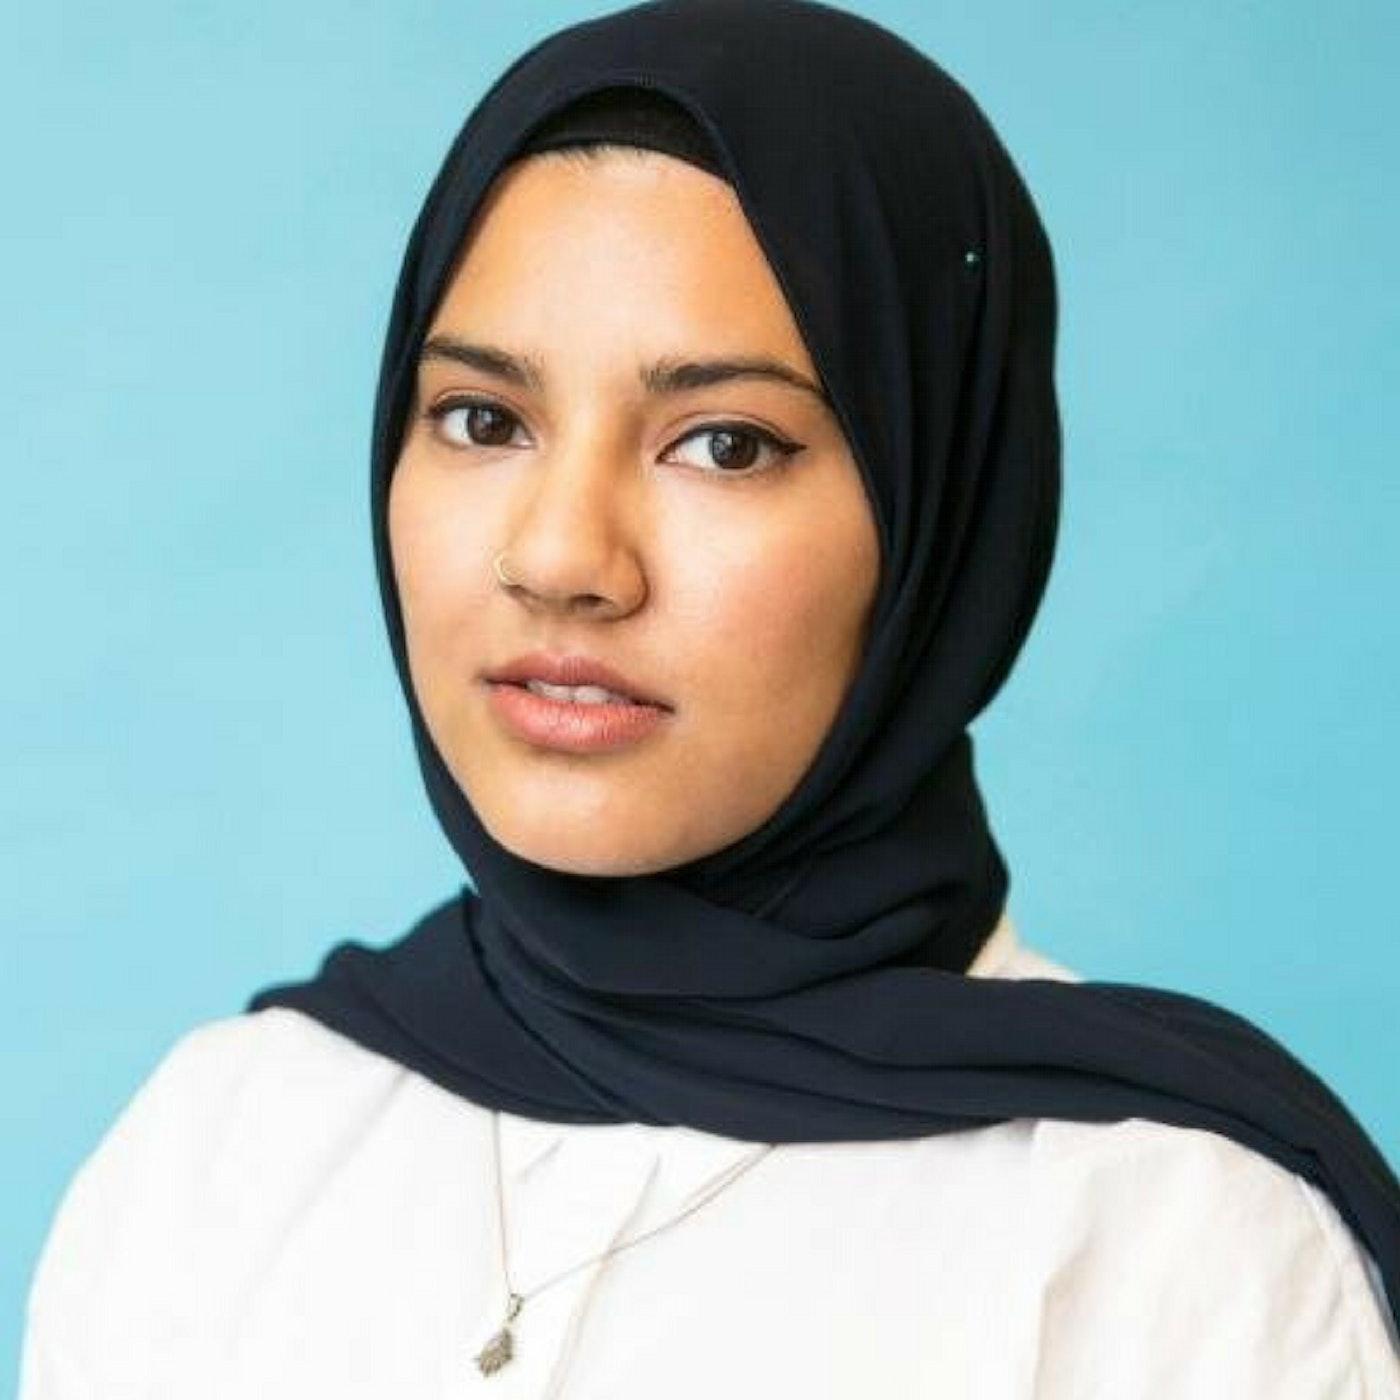 Aisha-Gani-Feature-Image